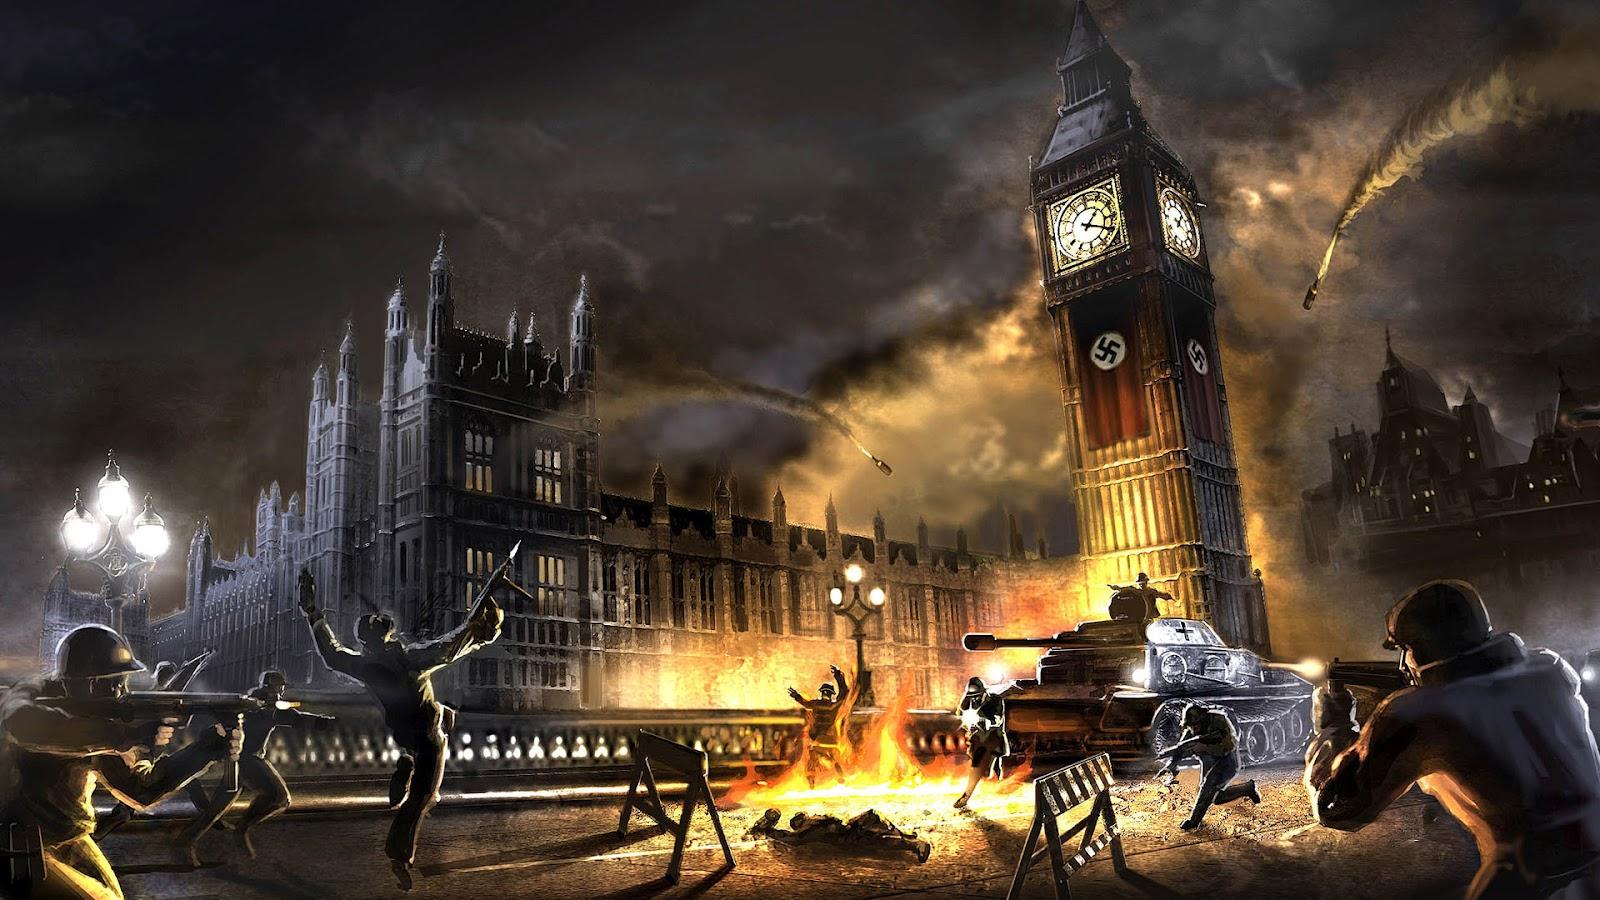 http://2.bp.blogspot.com/-eS7GE8R4bRo/UDYMgulS1qI/AAAAAAAAA9w/KuTArDix9LI/s1600/HD_Games_Wallpapers_400.jpg